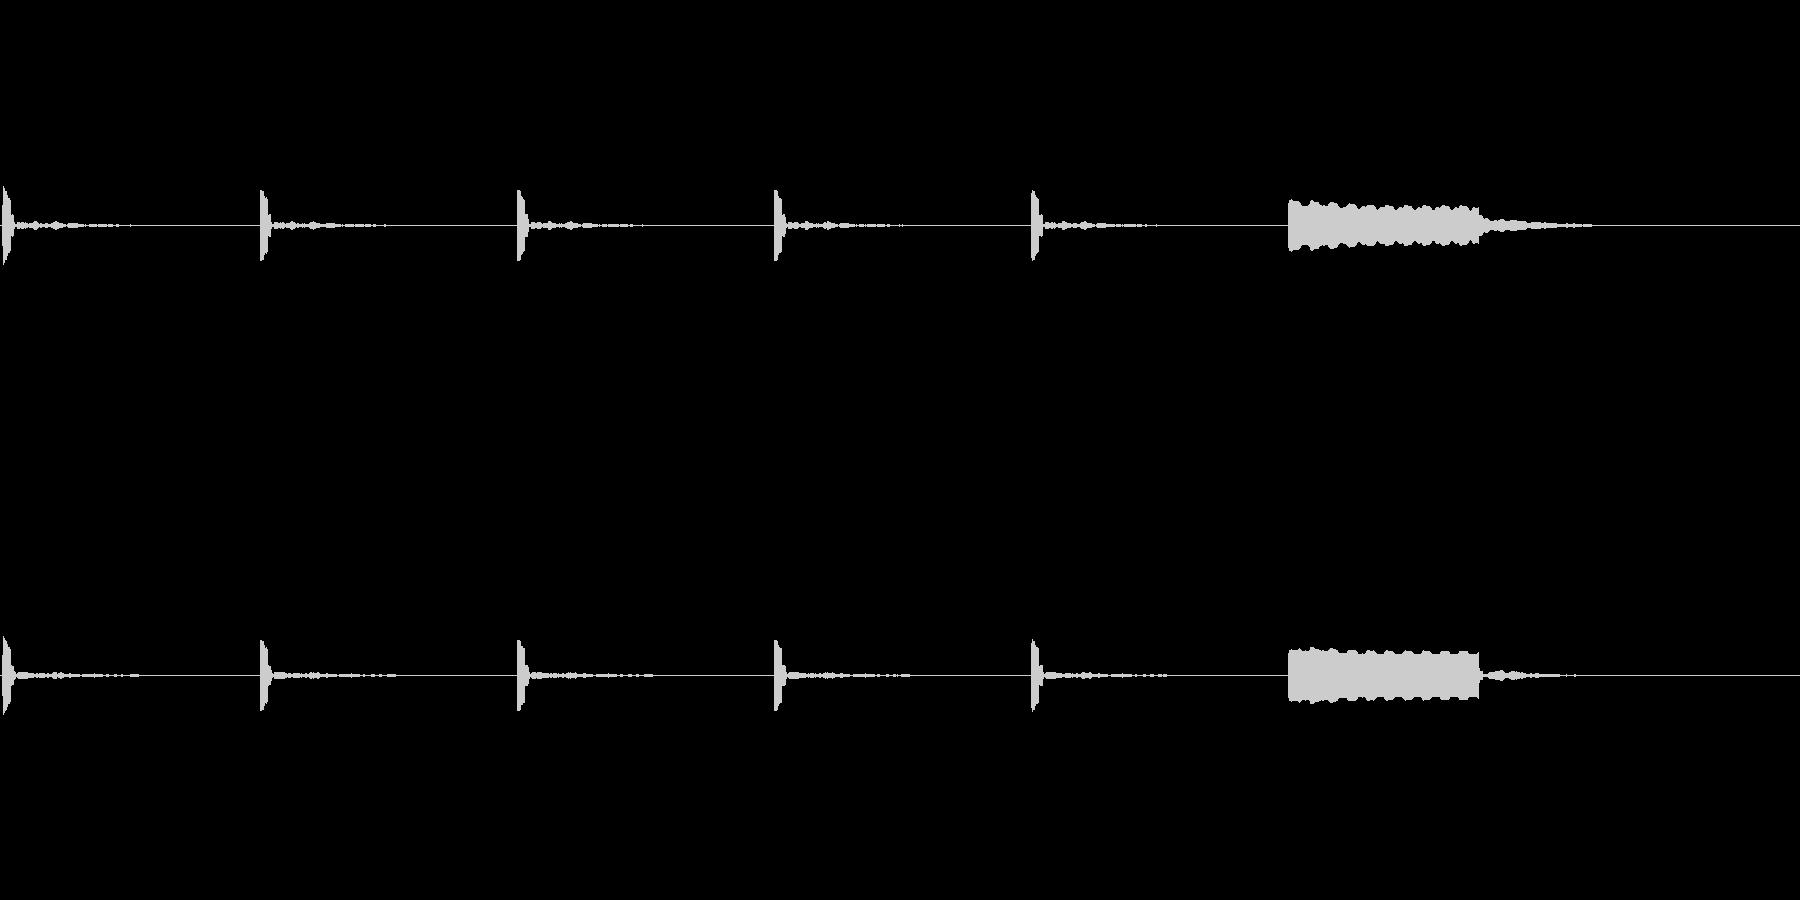 【カウントダウン02-3】の未再生の波形